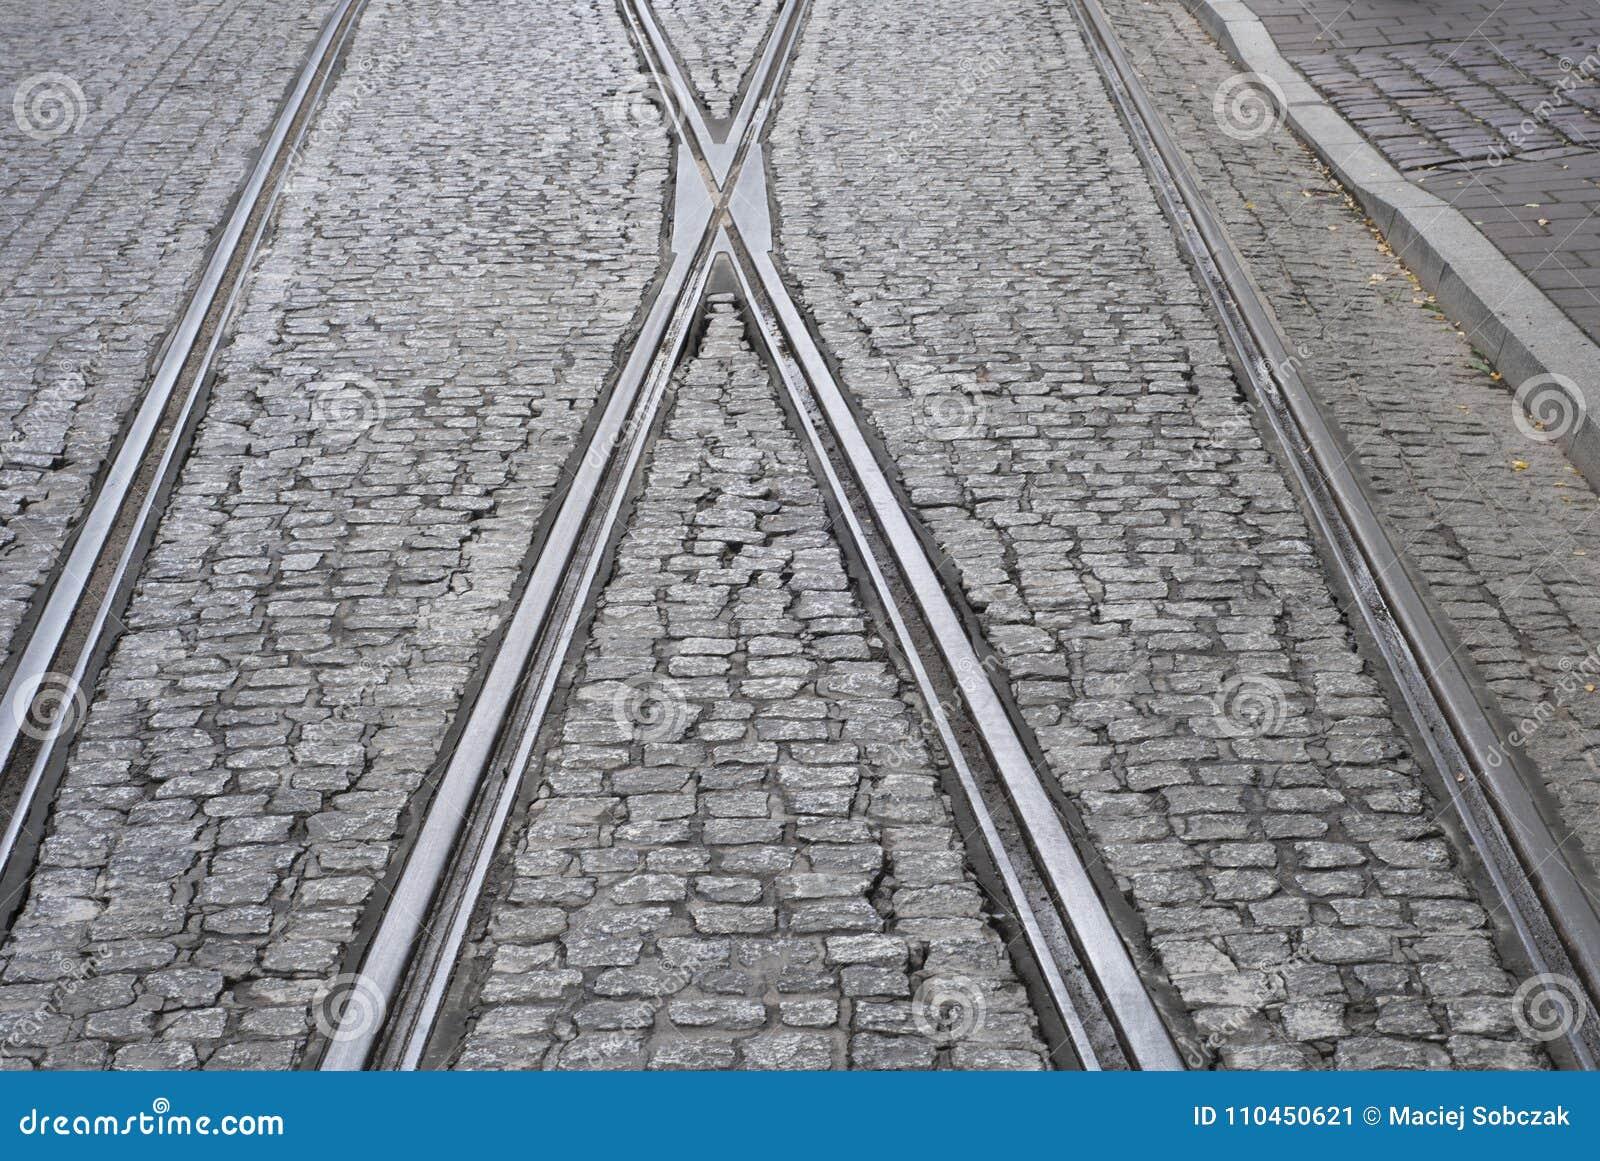 Spårvagnjärnvägar i Cracow